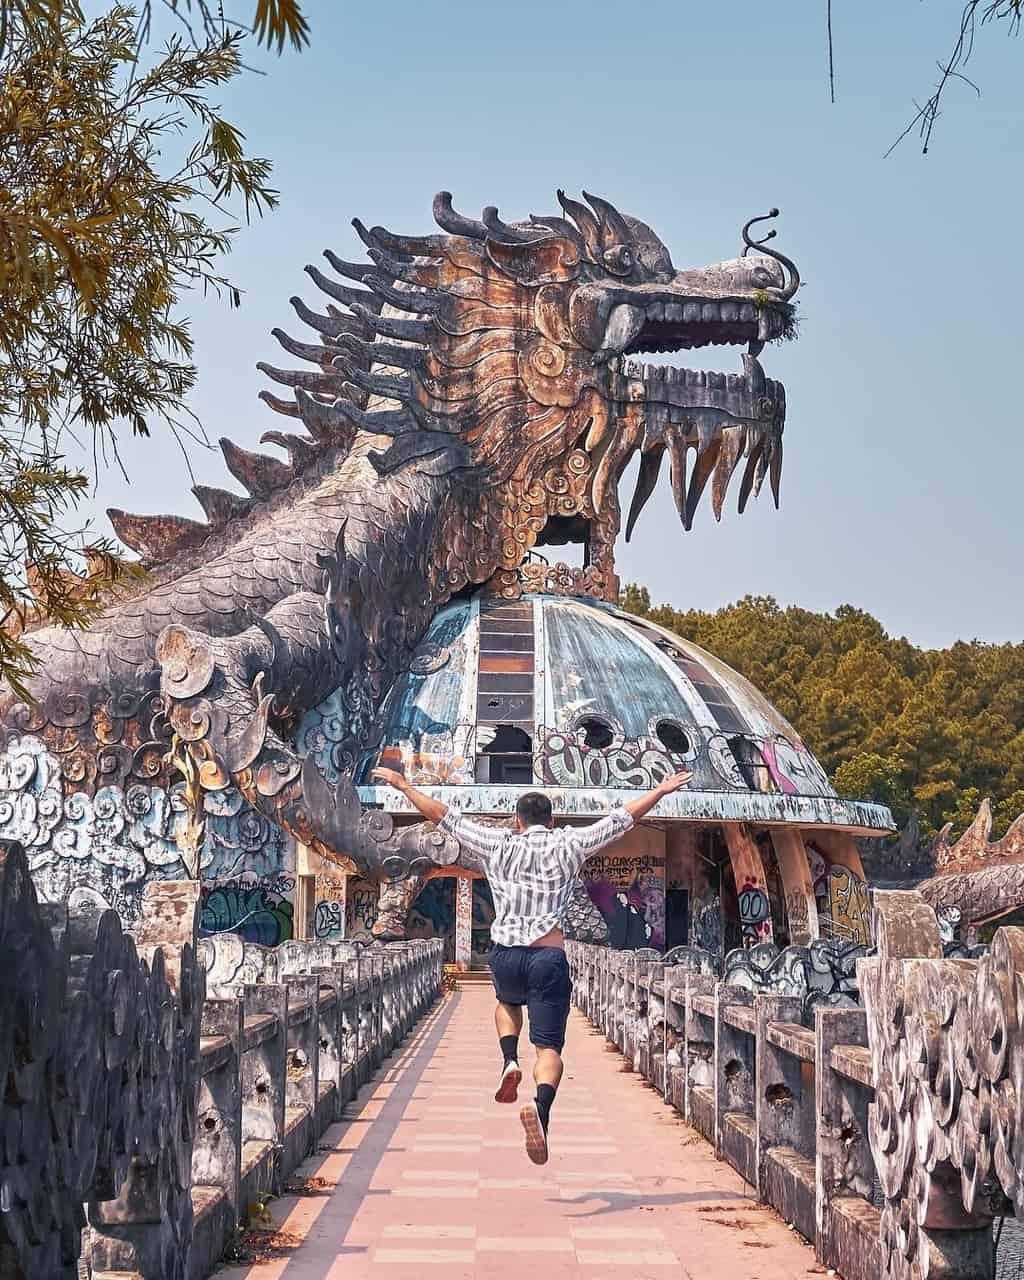 Công viên nước Hồ Thủy Tiên - điểm check-in độc đáo ở Huế. Hình: Instagram @Dimotngaydang